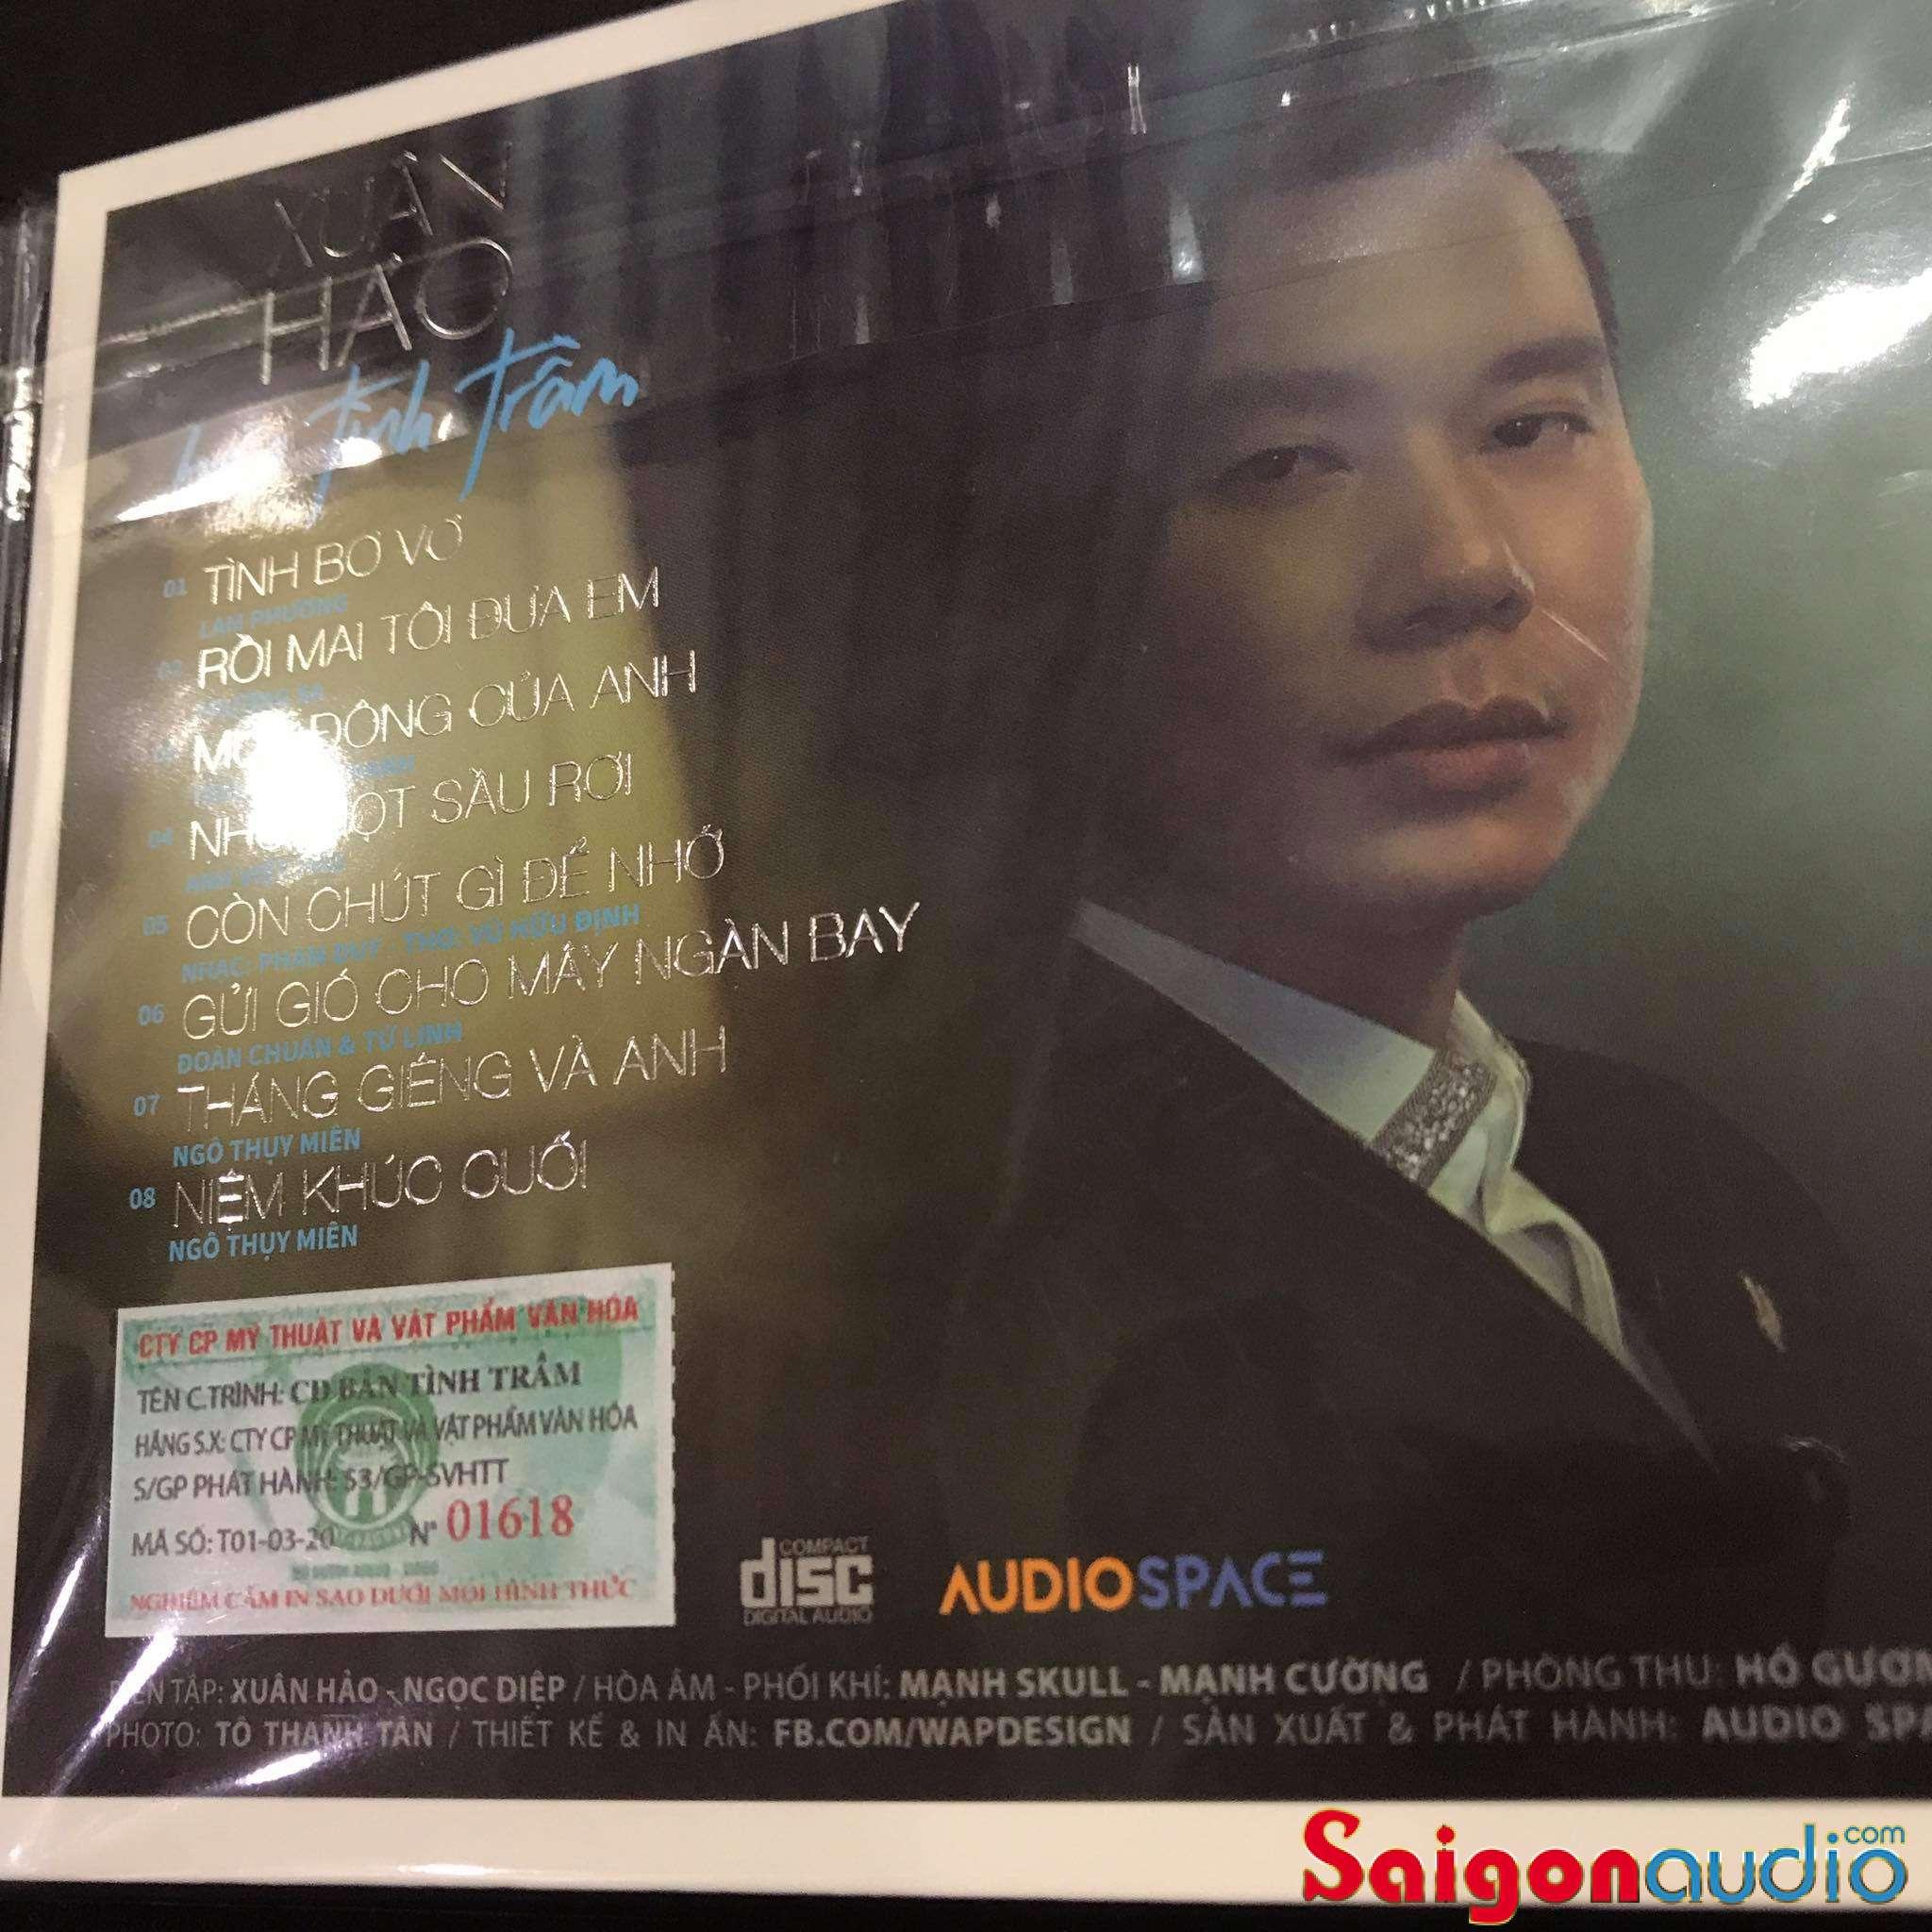 Đĩa CD nhạc gốc Xuân Hảo - Bản Tình Trầm (Free ship khi mua 2 đĩa CD cùng hoặc khác loại)